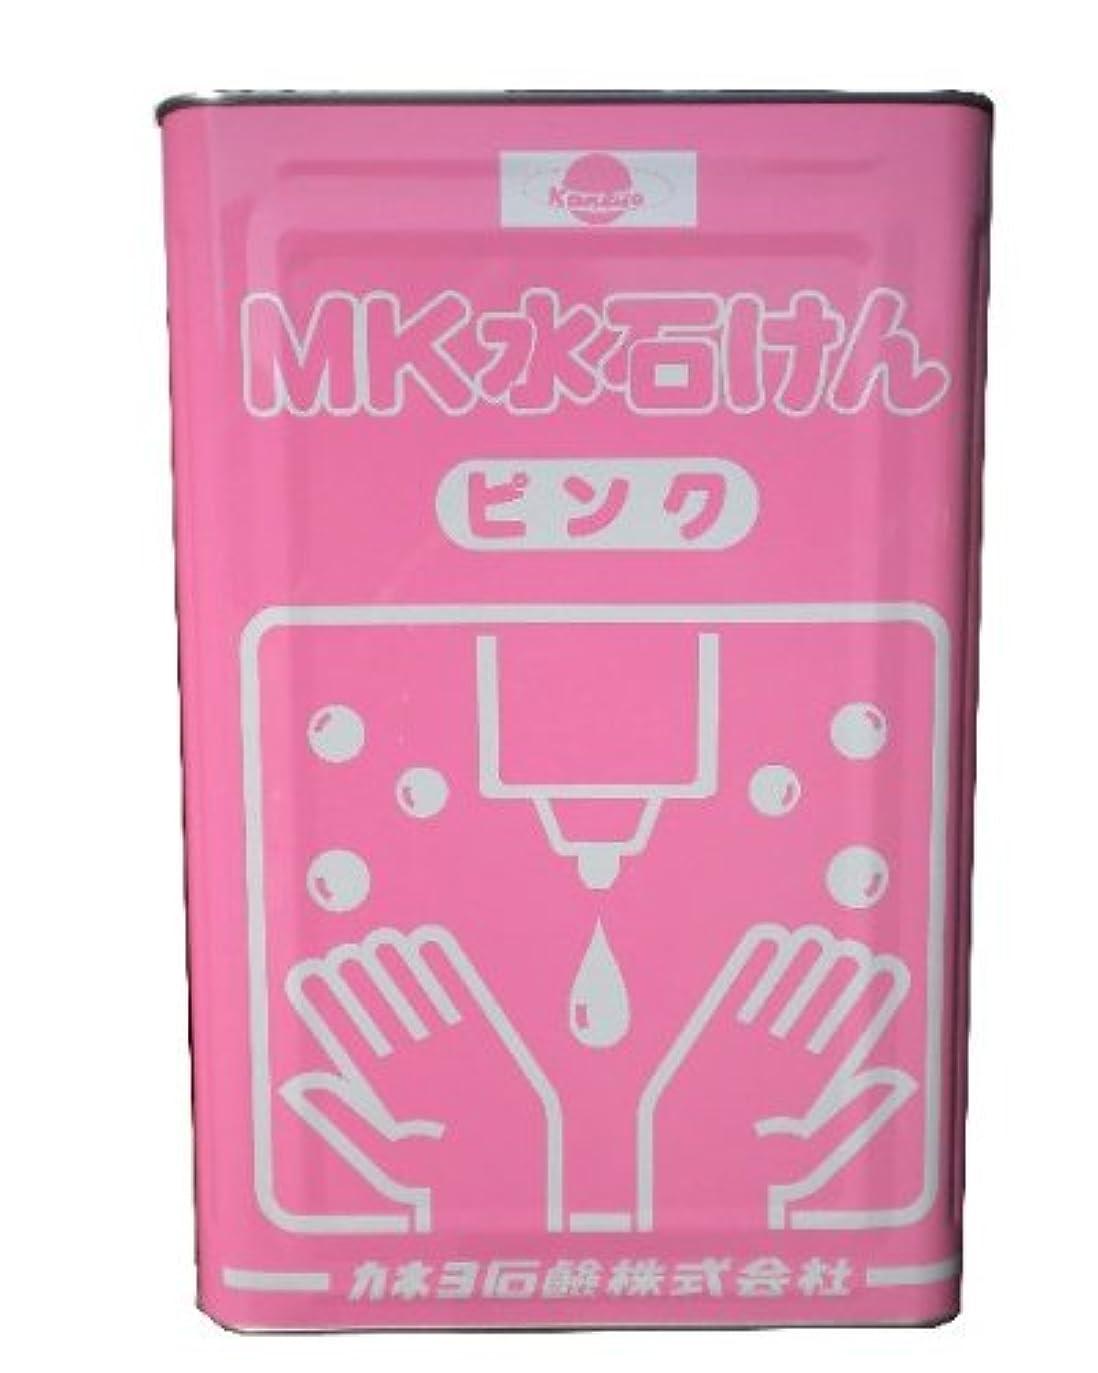 真似る潜む浸す【大容量】 カネヨ石鹸 ハンドソープ MK水せっけん 液体 業務用 18L 一斗缶